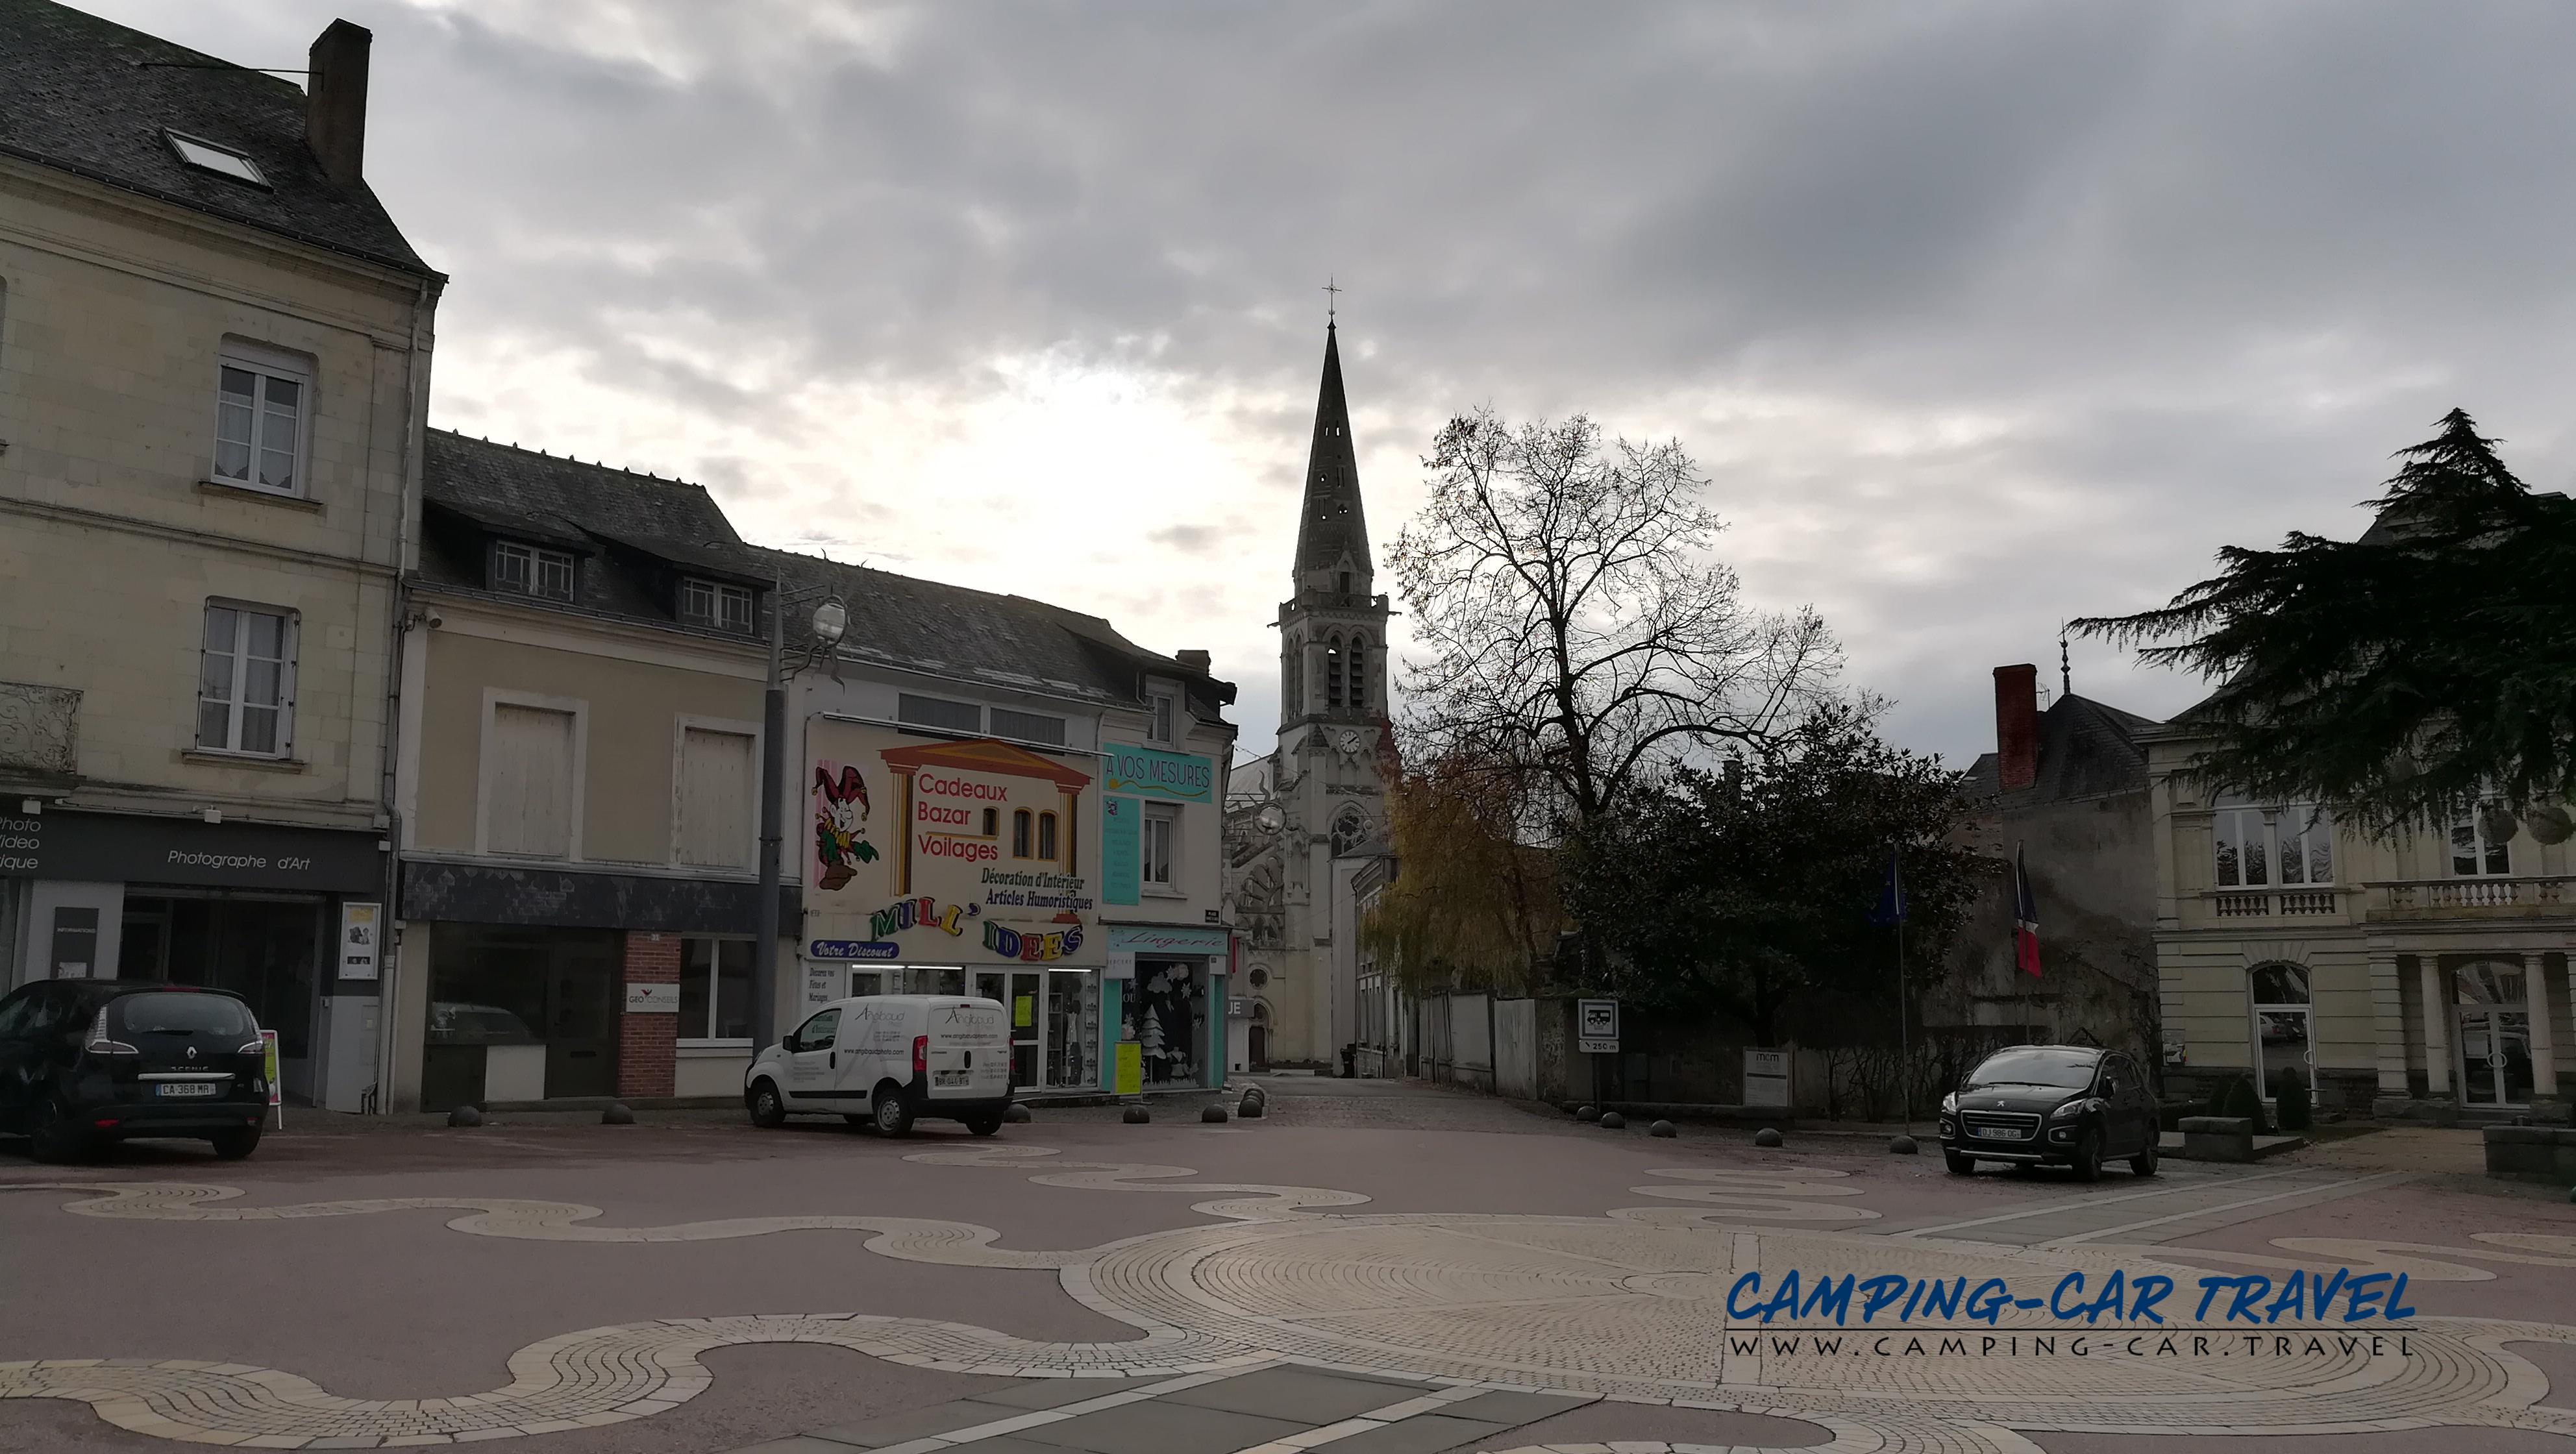 aire services camping car Vihiers Maine-et-Loire Pays-de-la-Loire